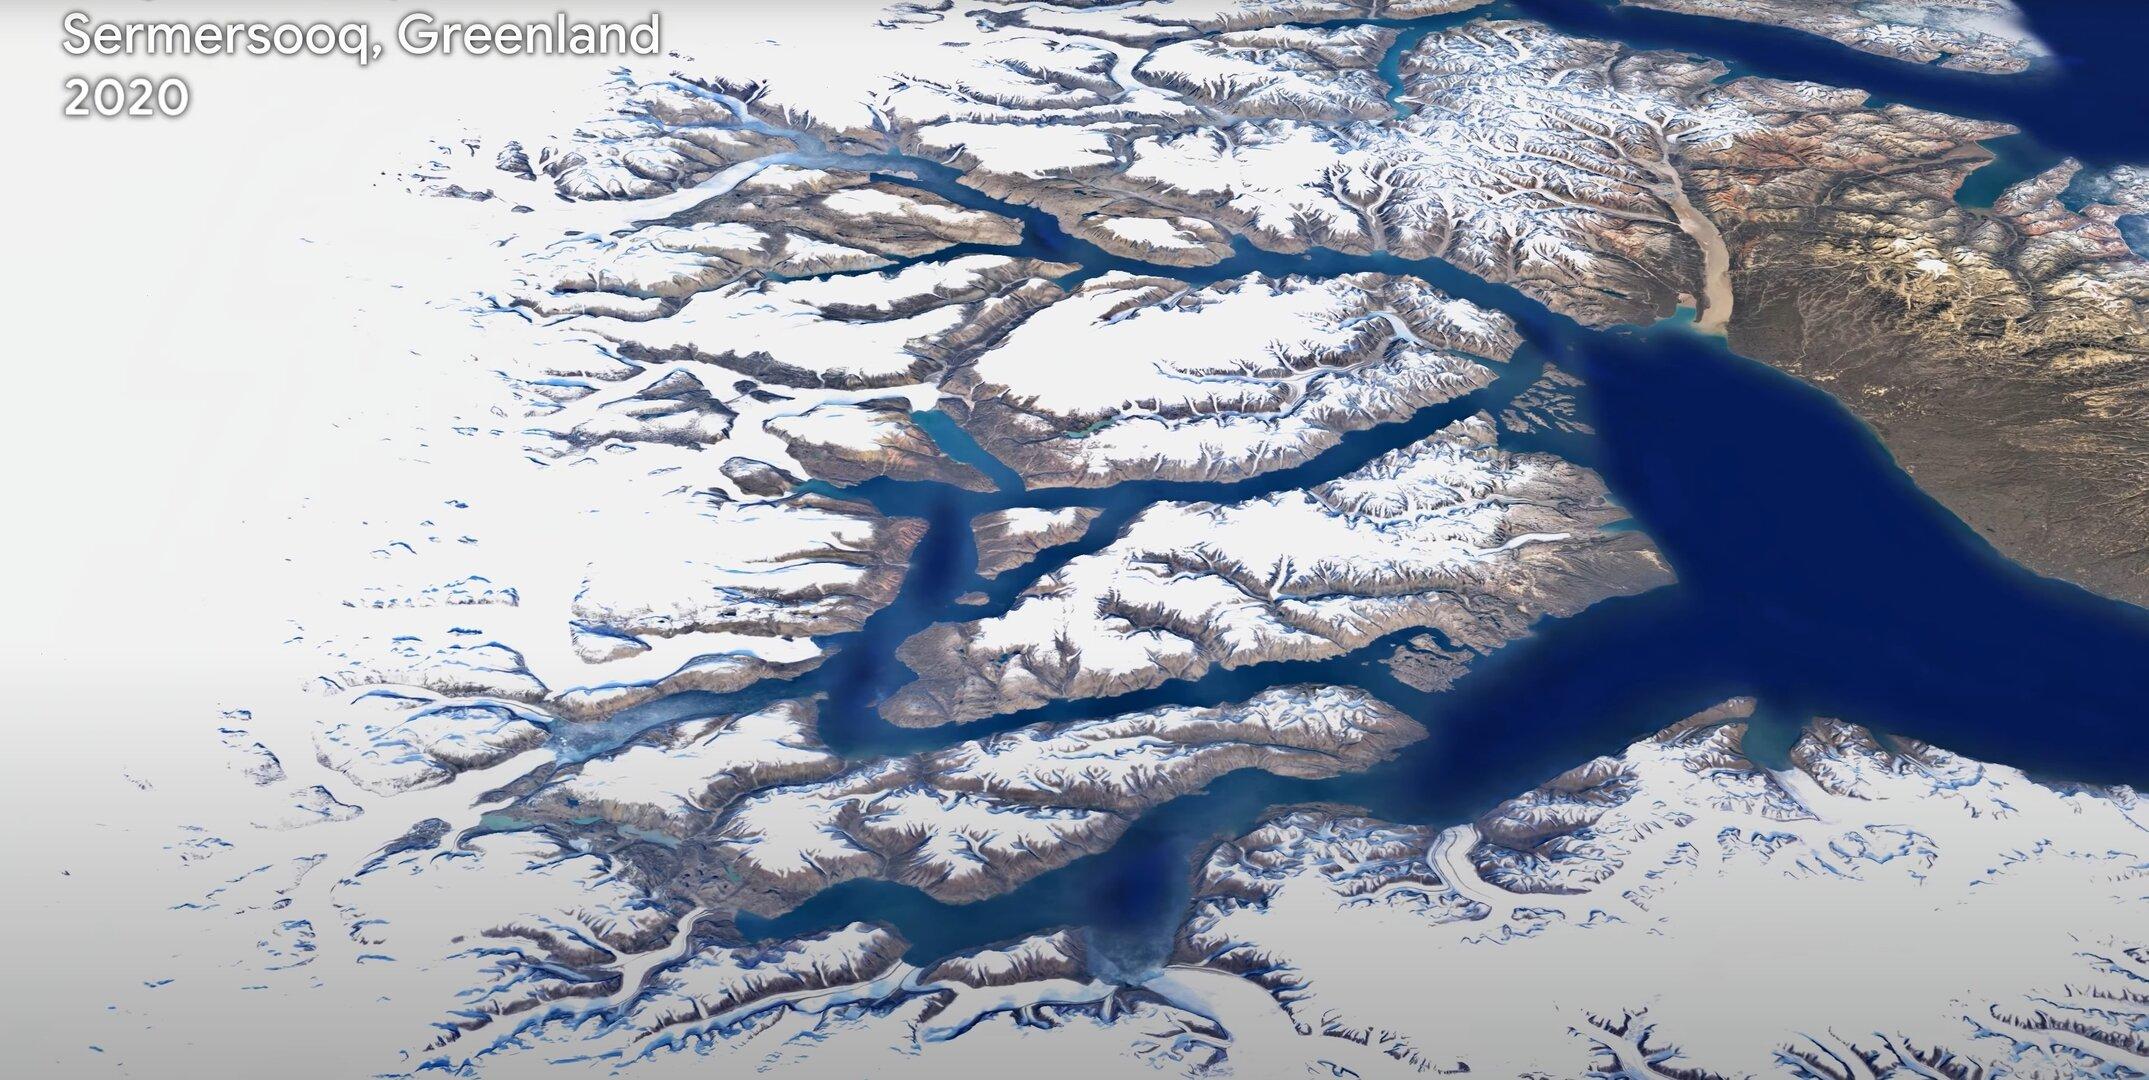 De nouvelles images satellite fondamentales pour Google Earth